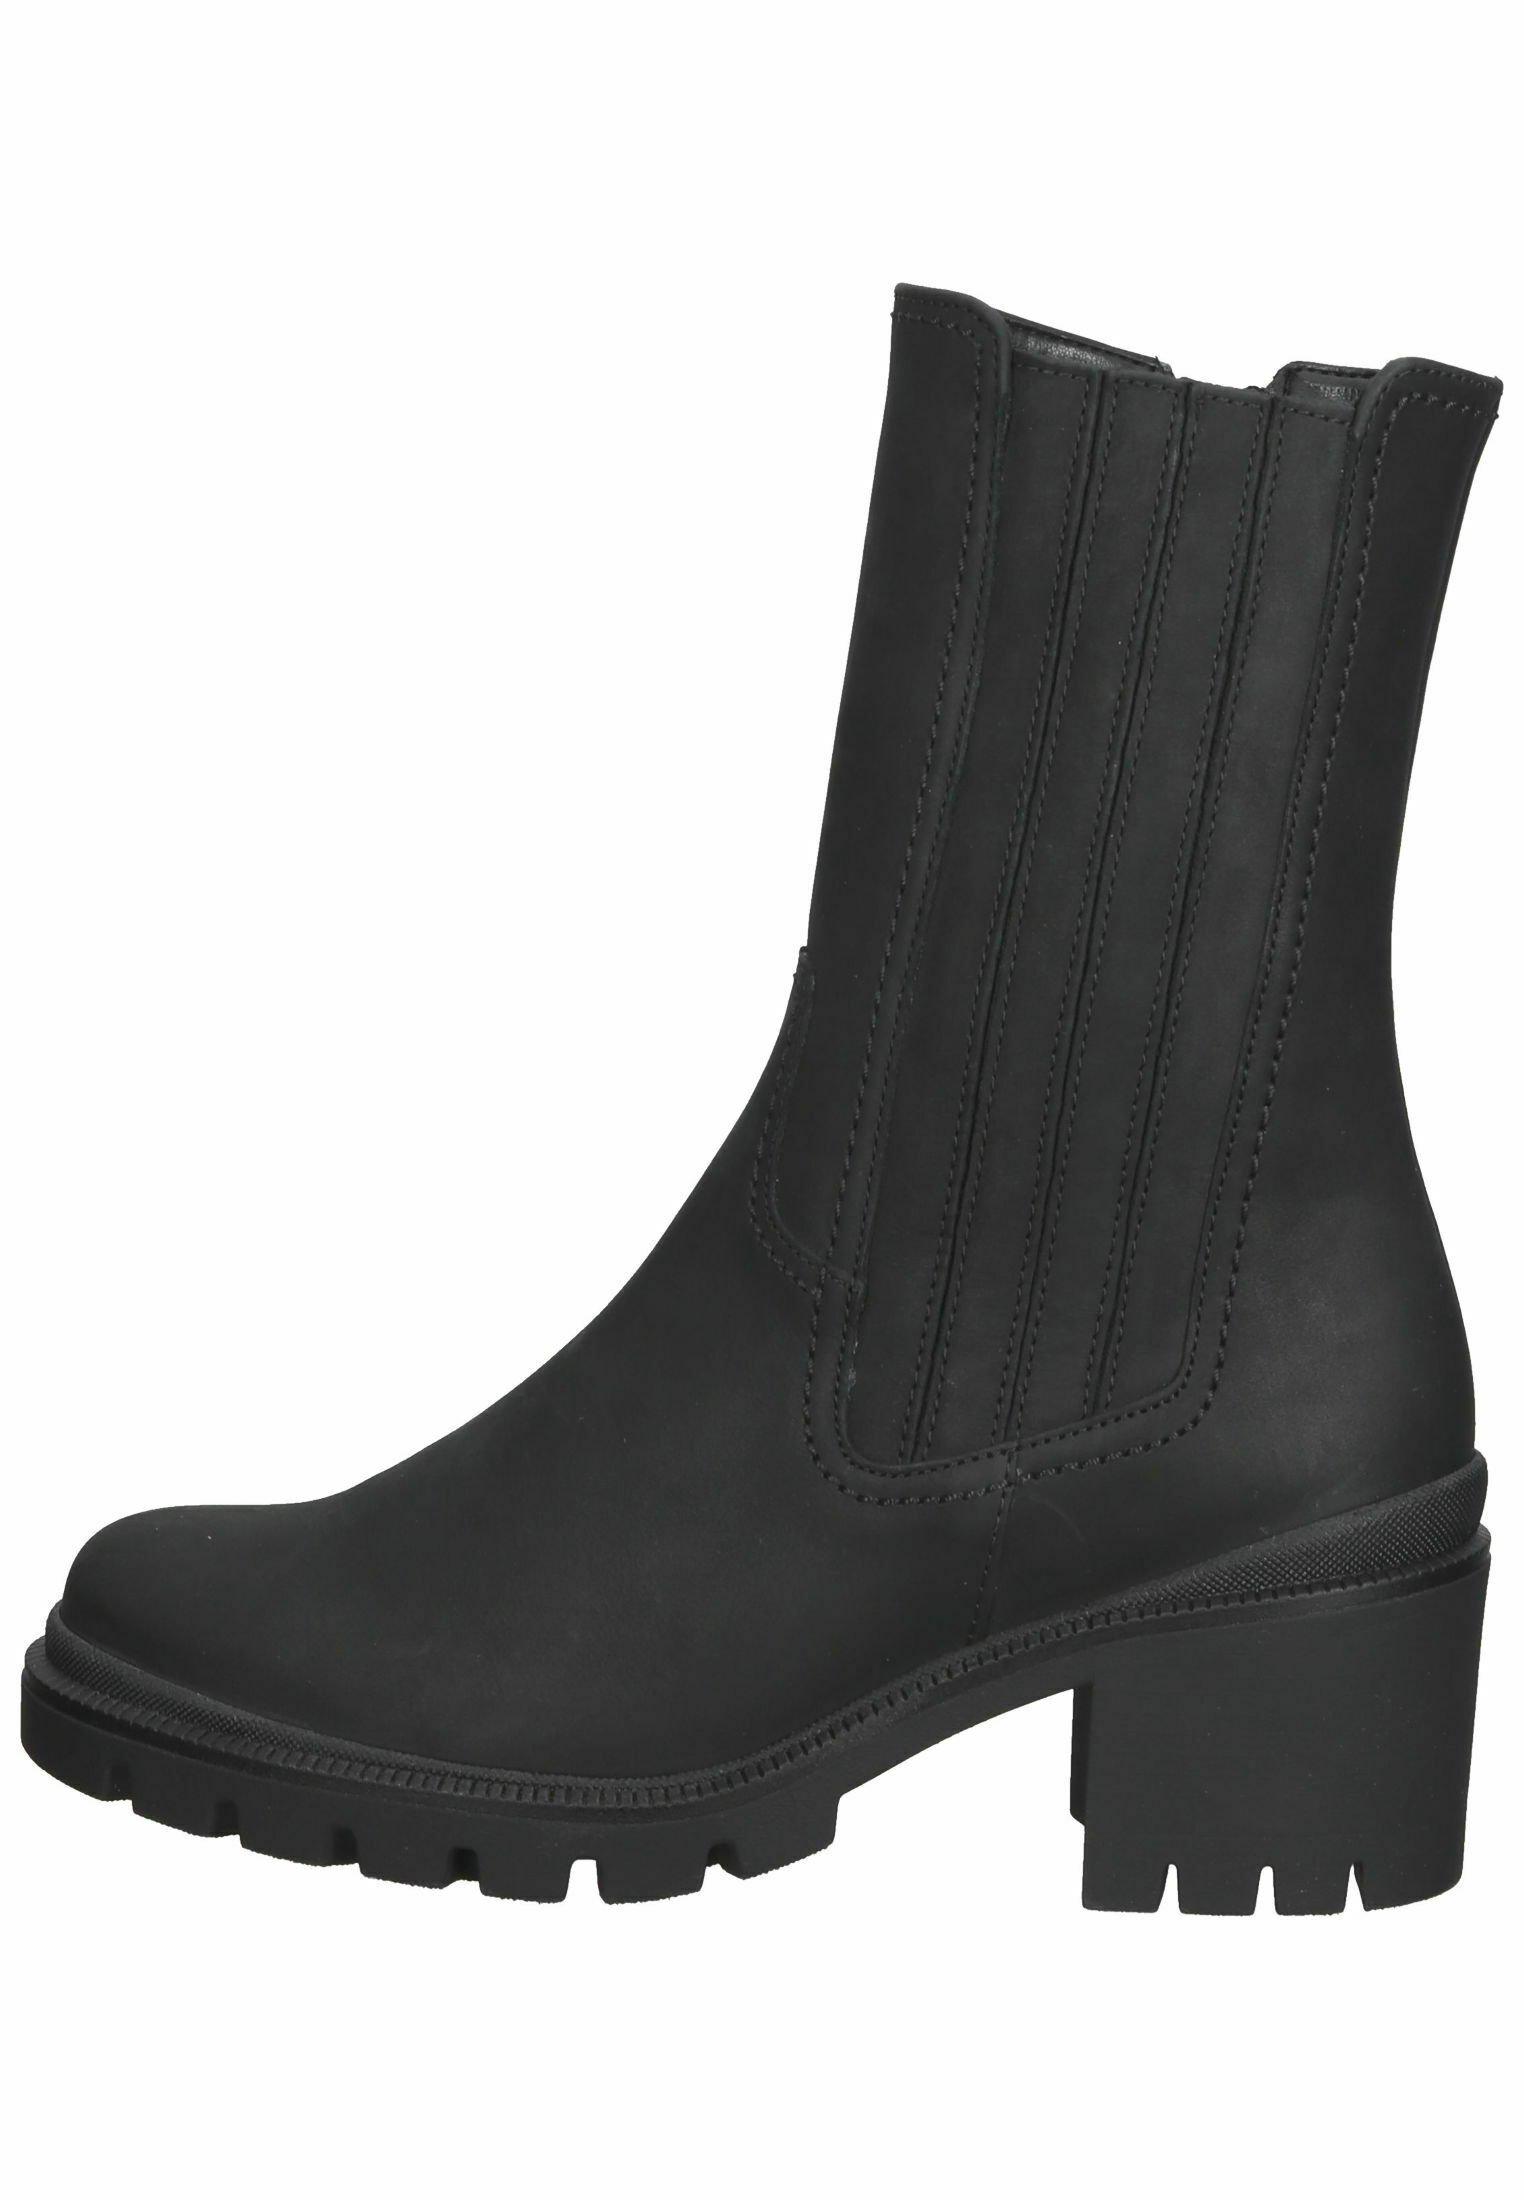 Damen Stiefelette - schwarz (flausch)